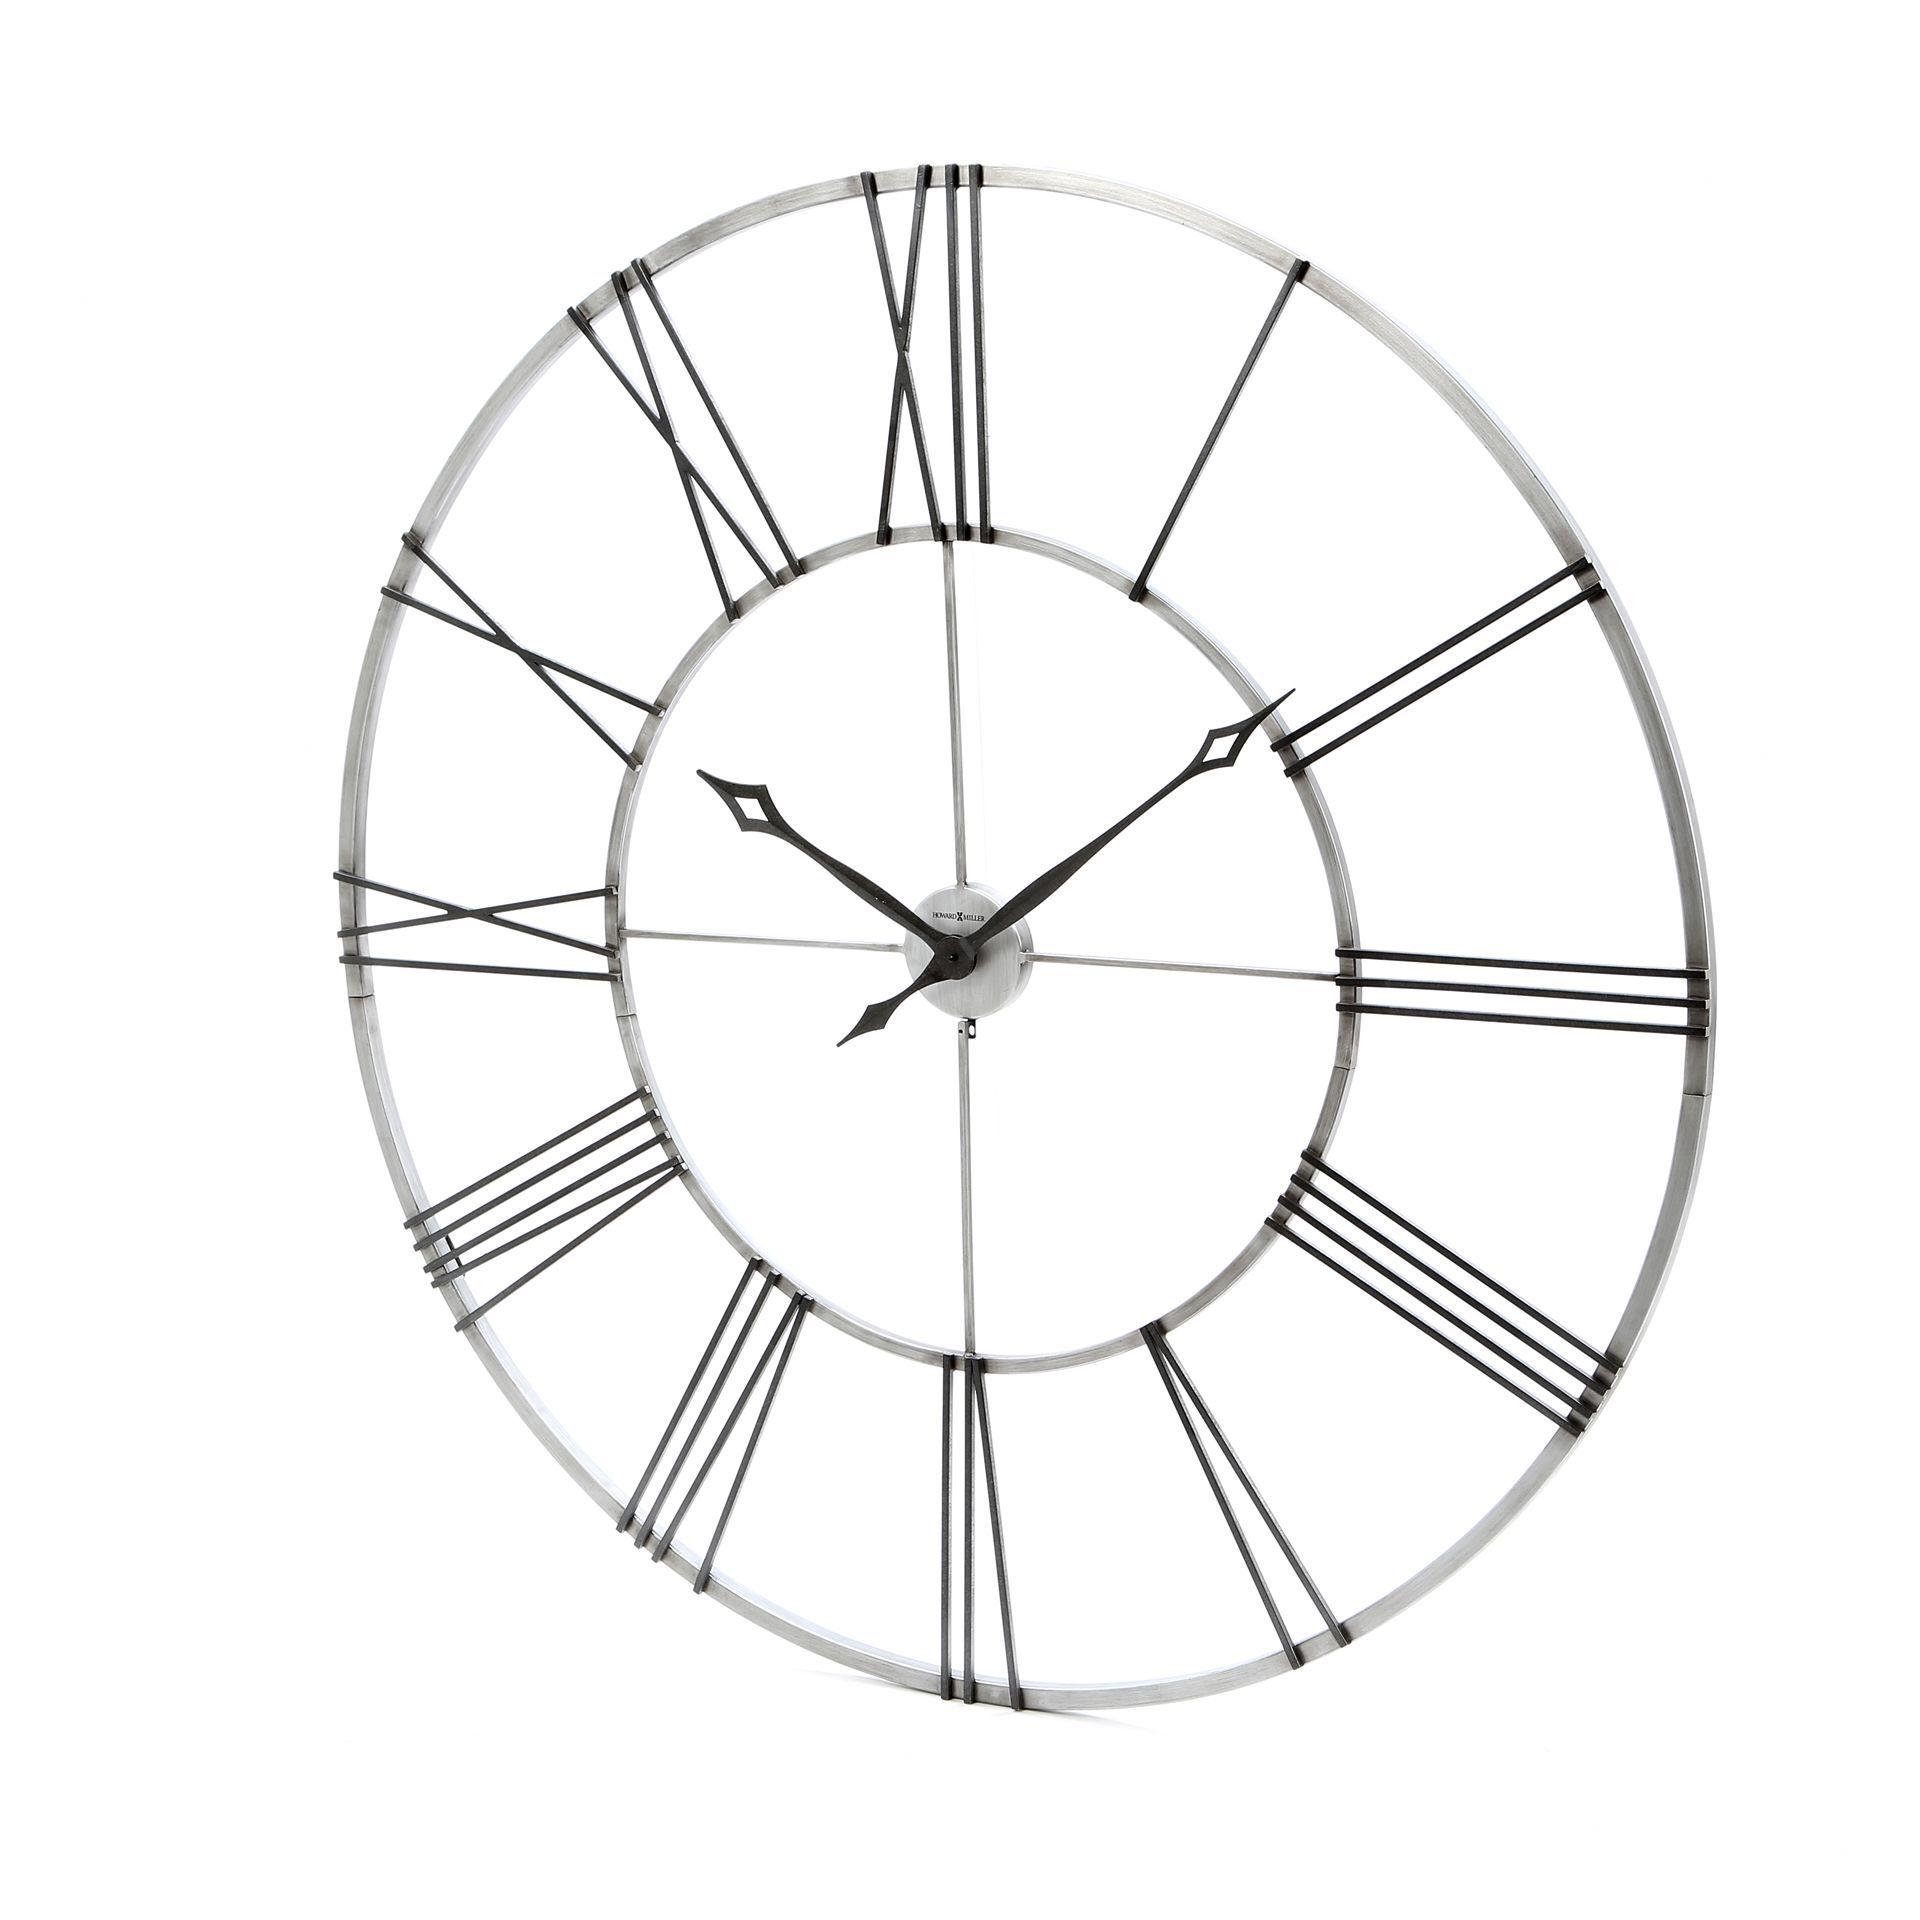 Oversized Stockton 49 Wall Clock Oversized Wall Clock Clock Black Wall Clock Howard miller oversized wall clock